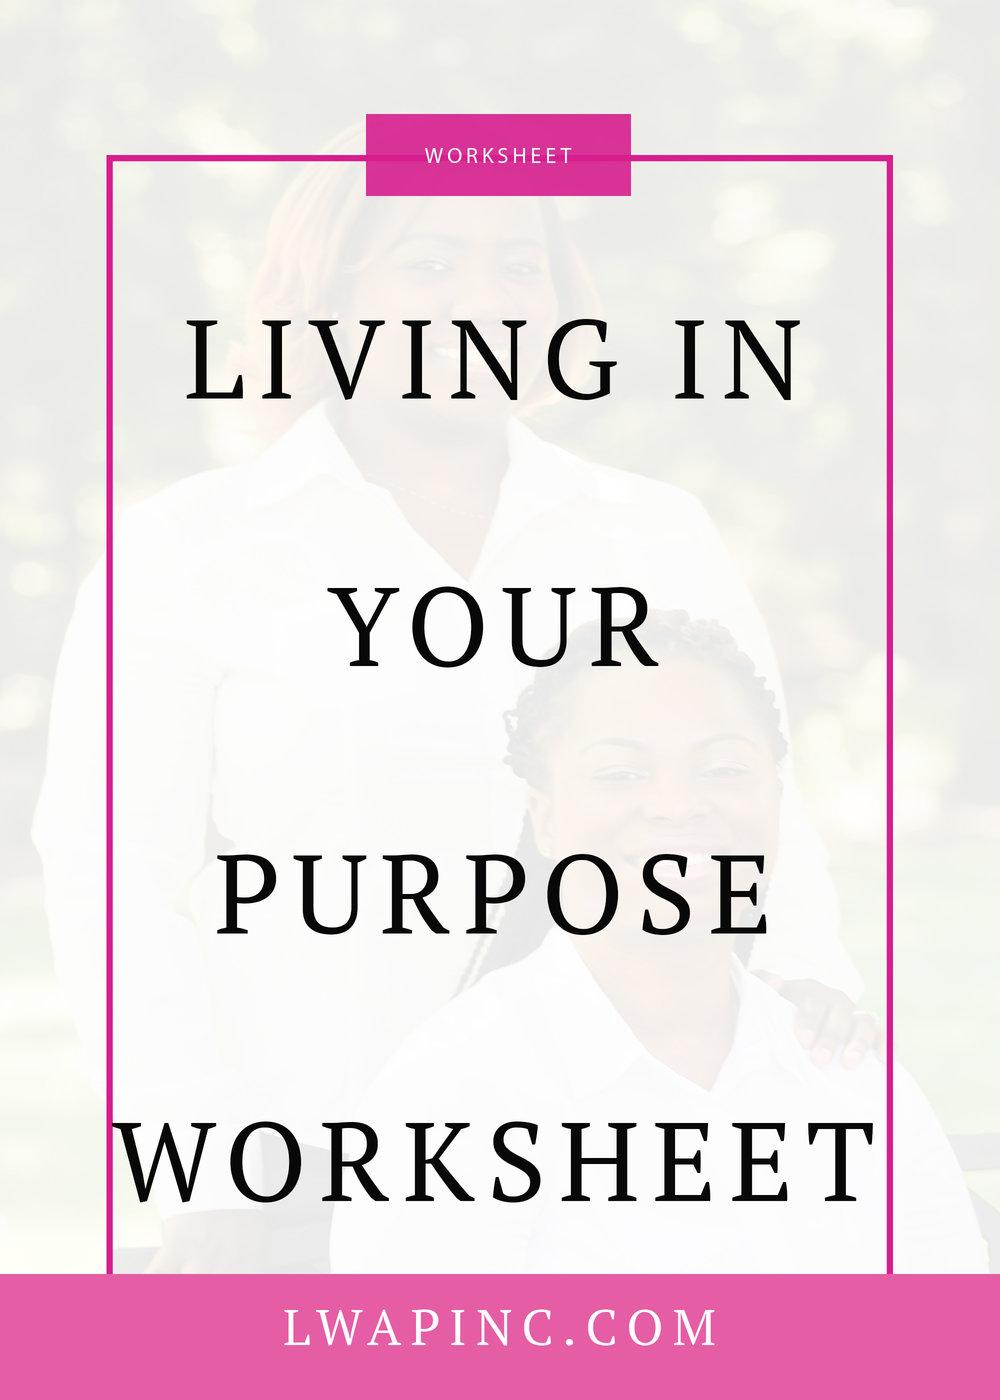 Living In Your Purpose worksheet.jpg